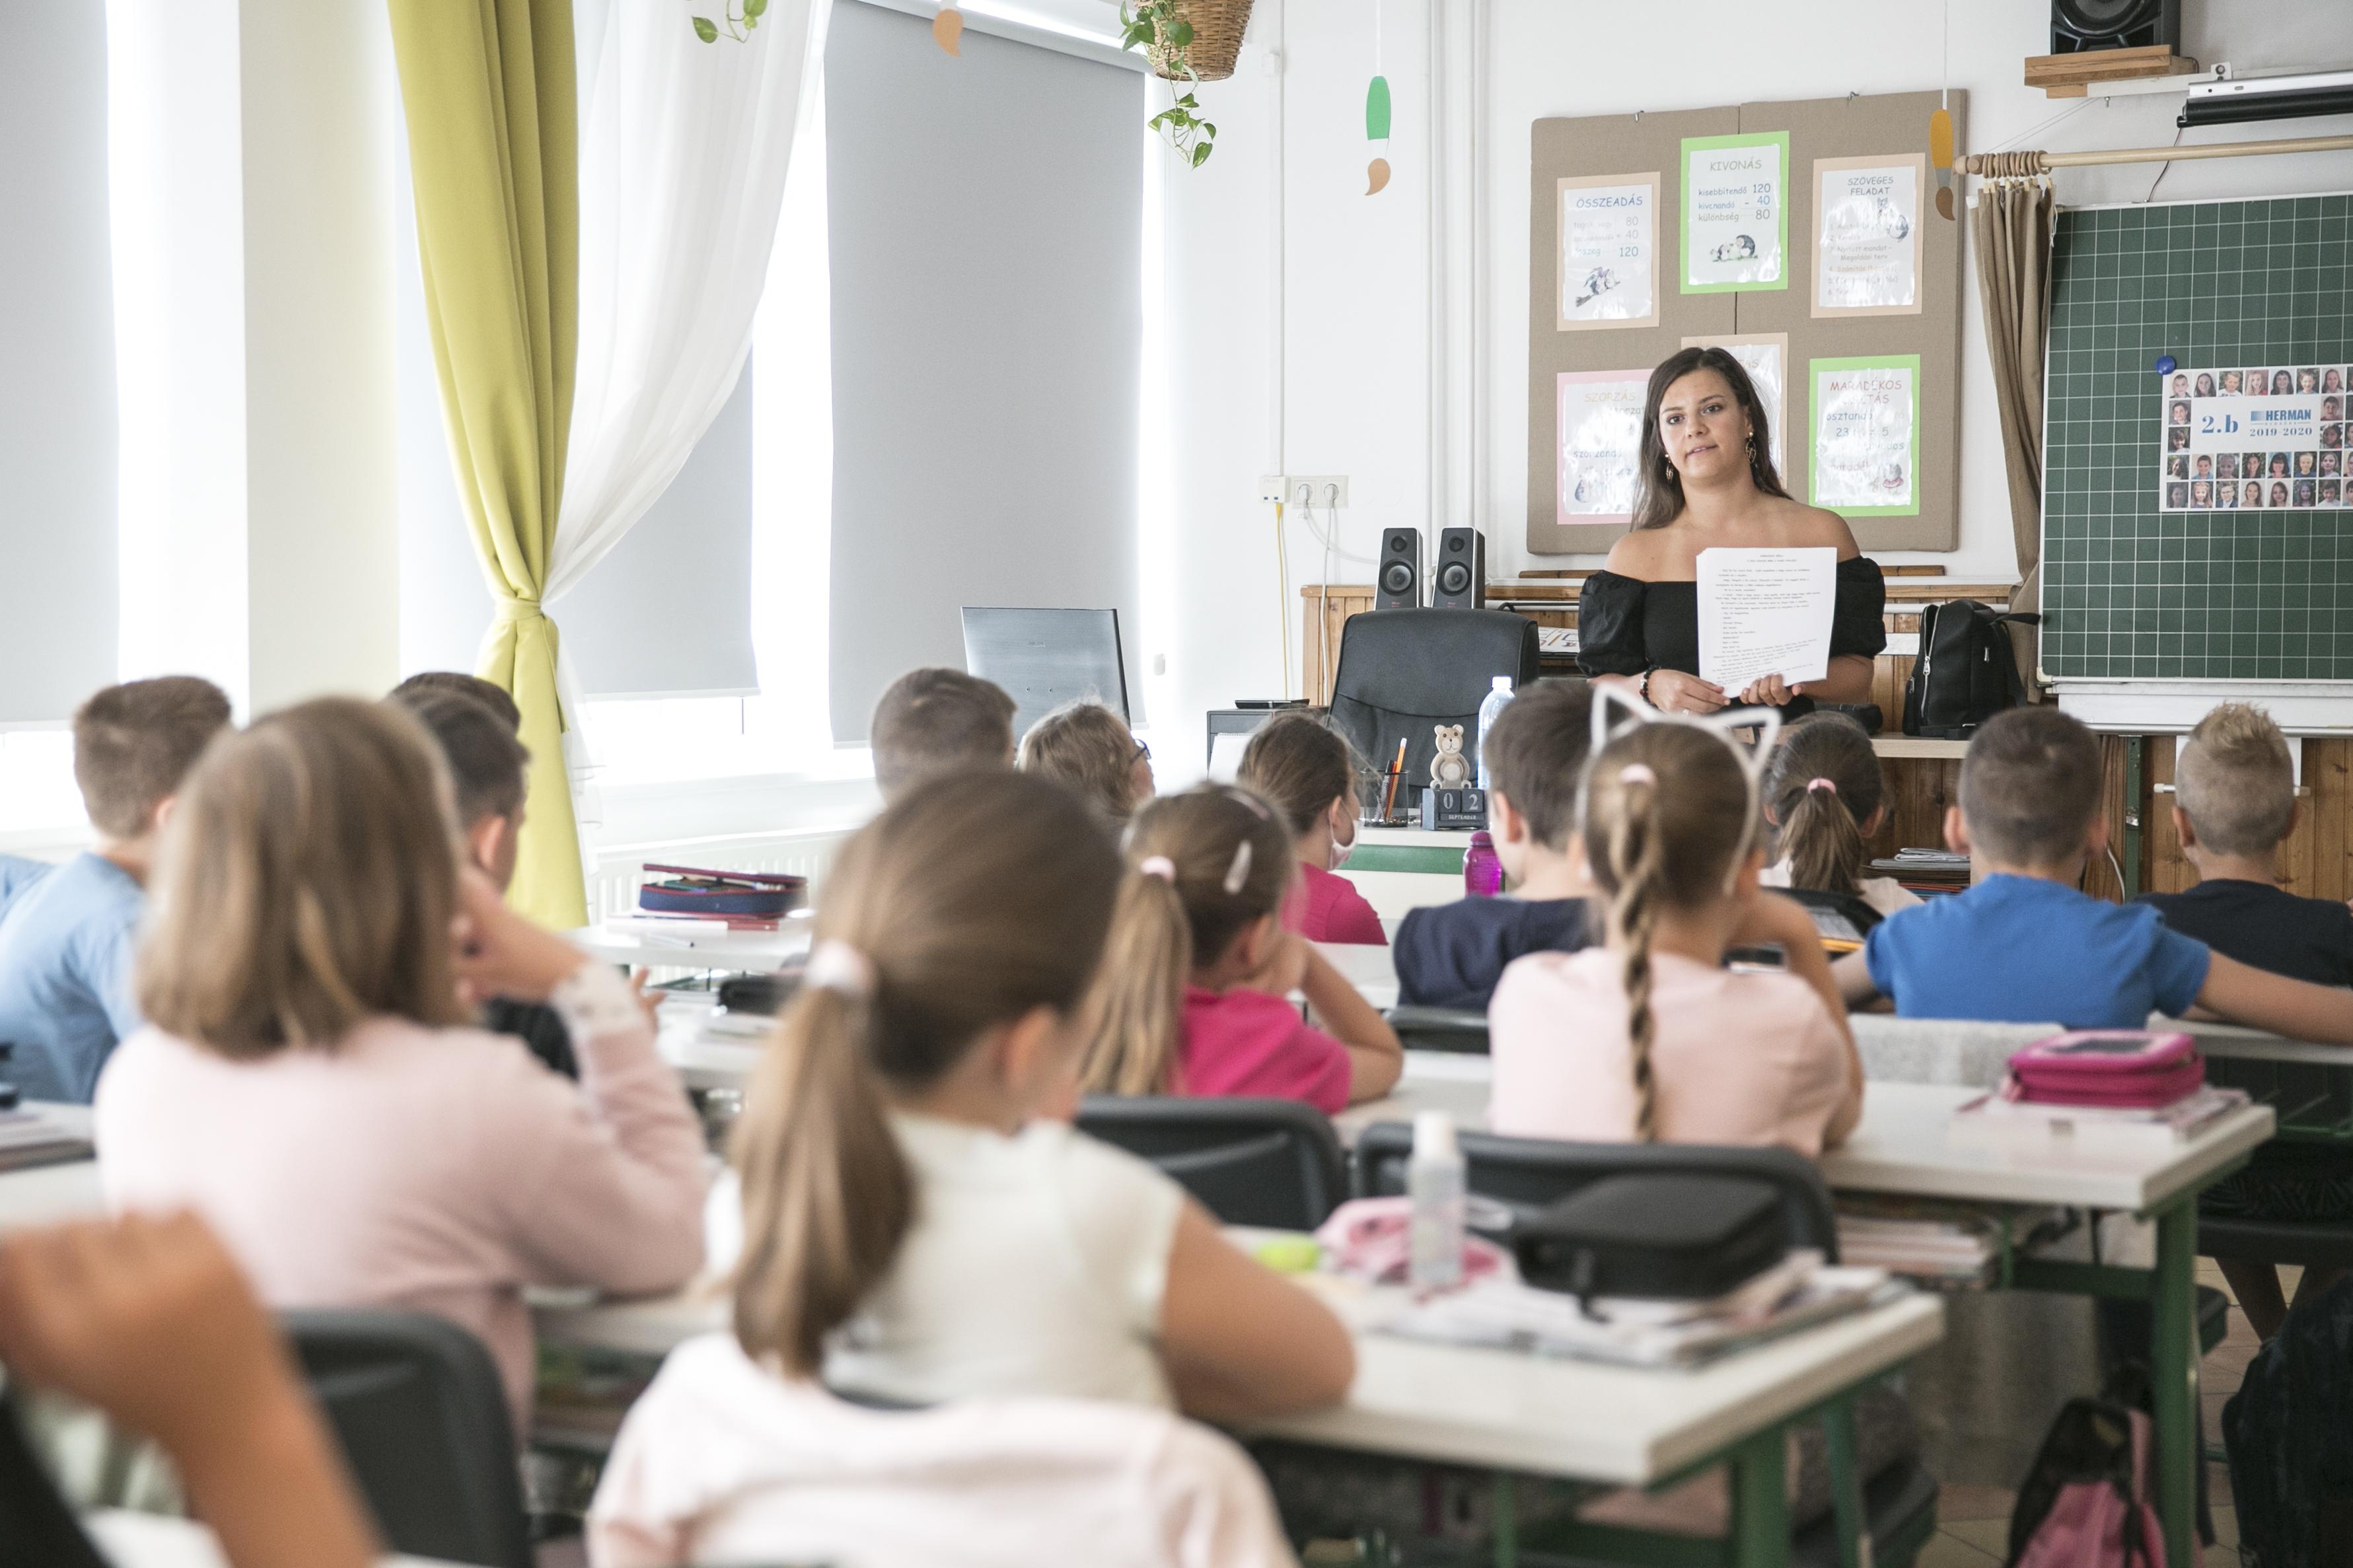 Hiába nyitják az iskolákat, a TASZ szerint bizonyos esetekben a pedagógus is jogszerűen maradhat otthon, és a szülő is otthon tarthatja a gyereket